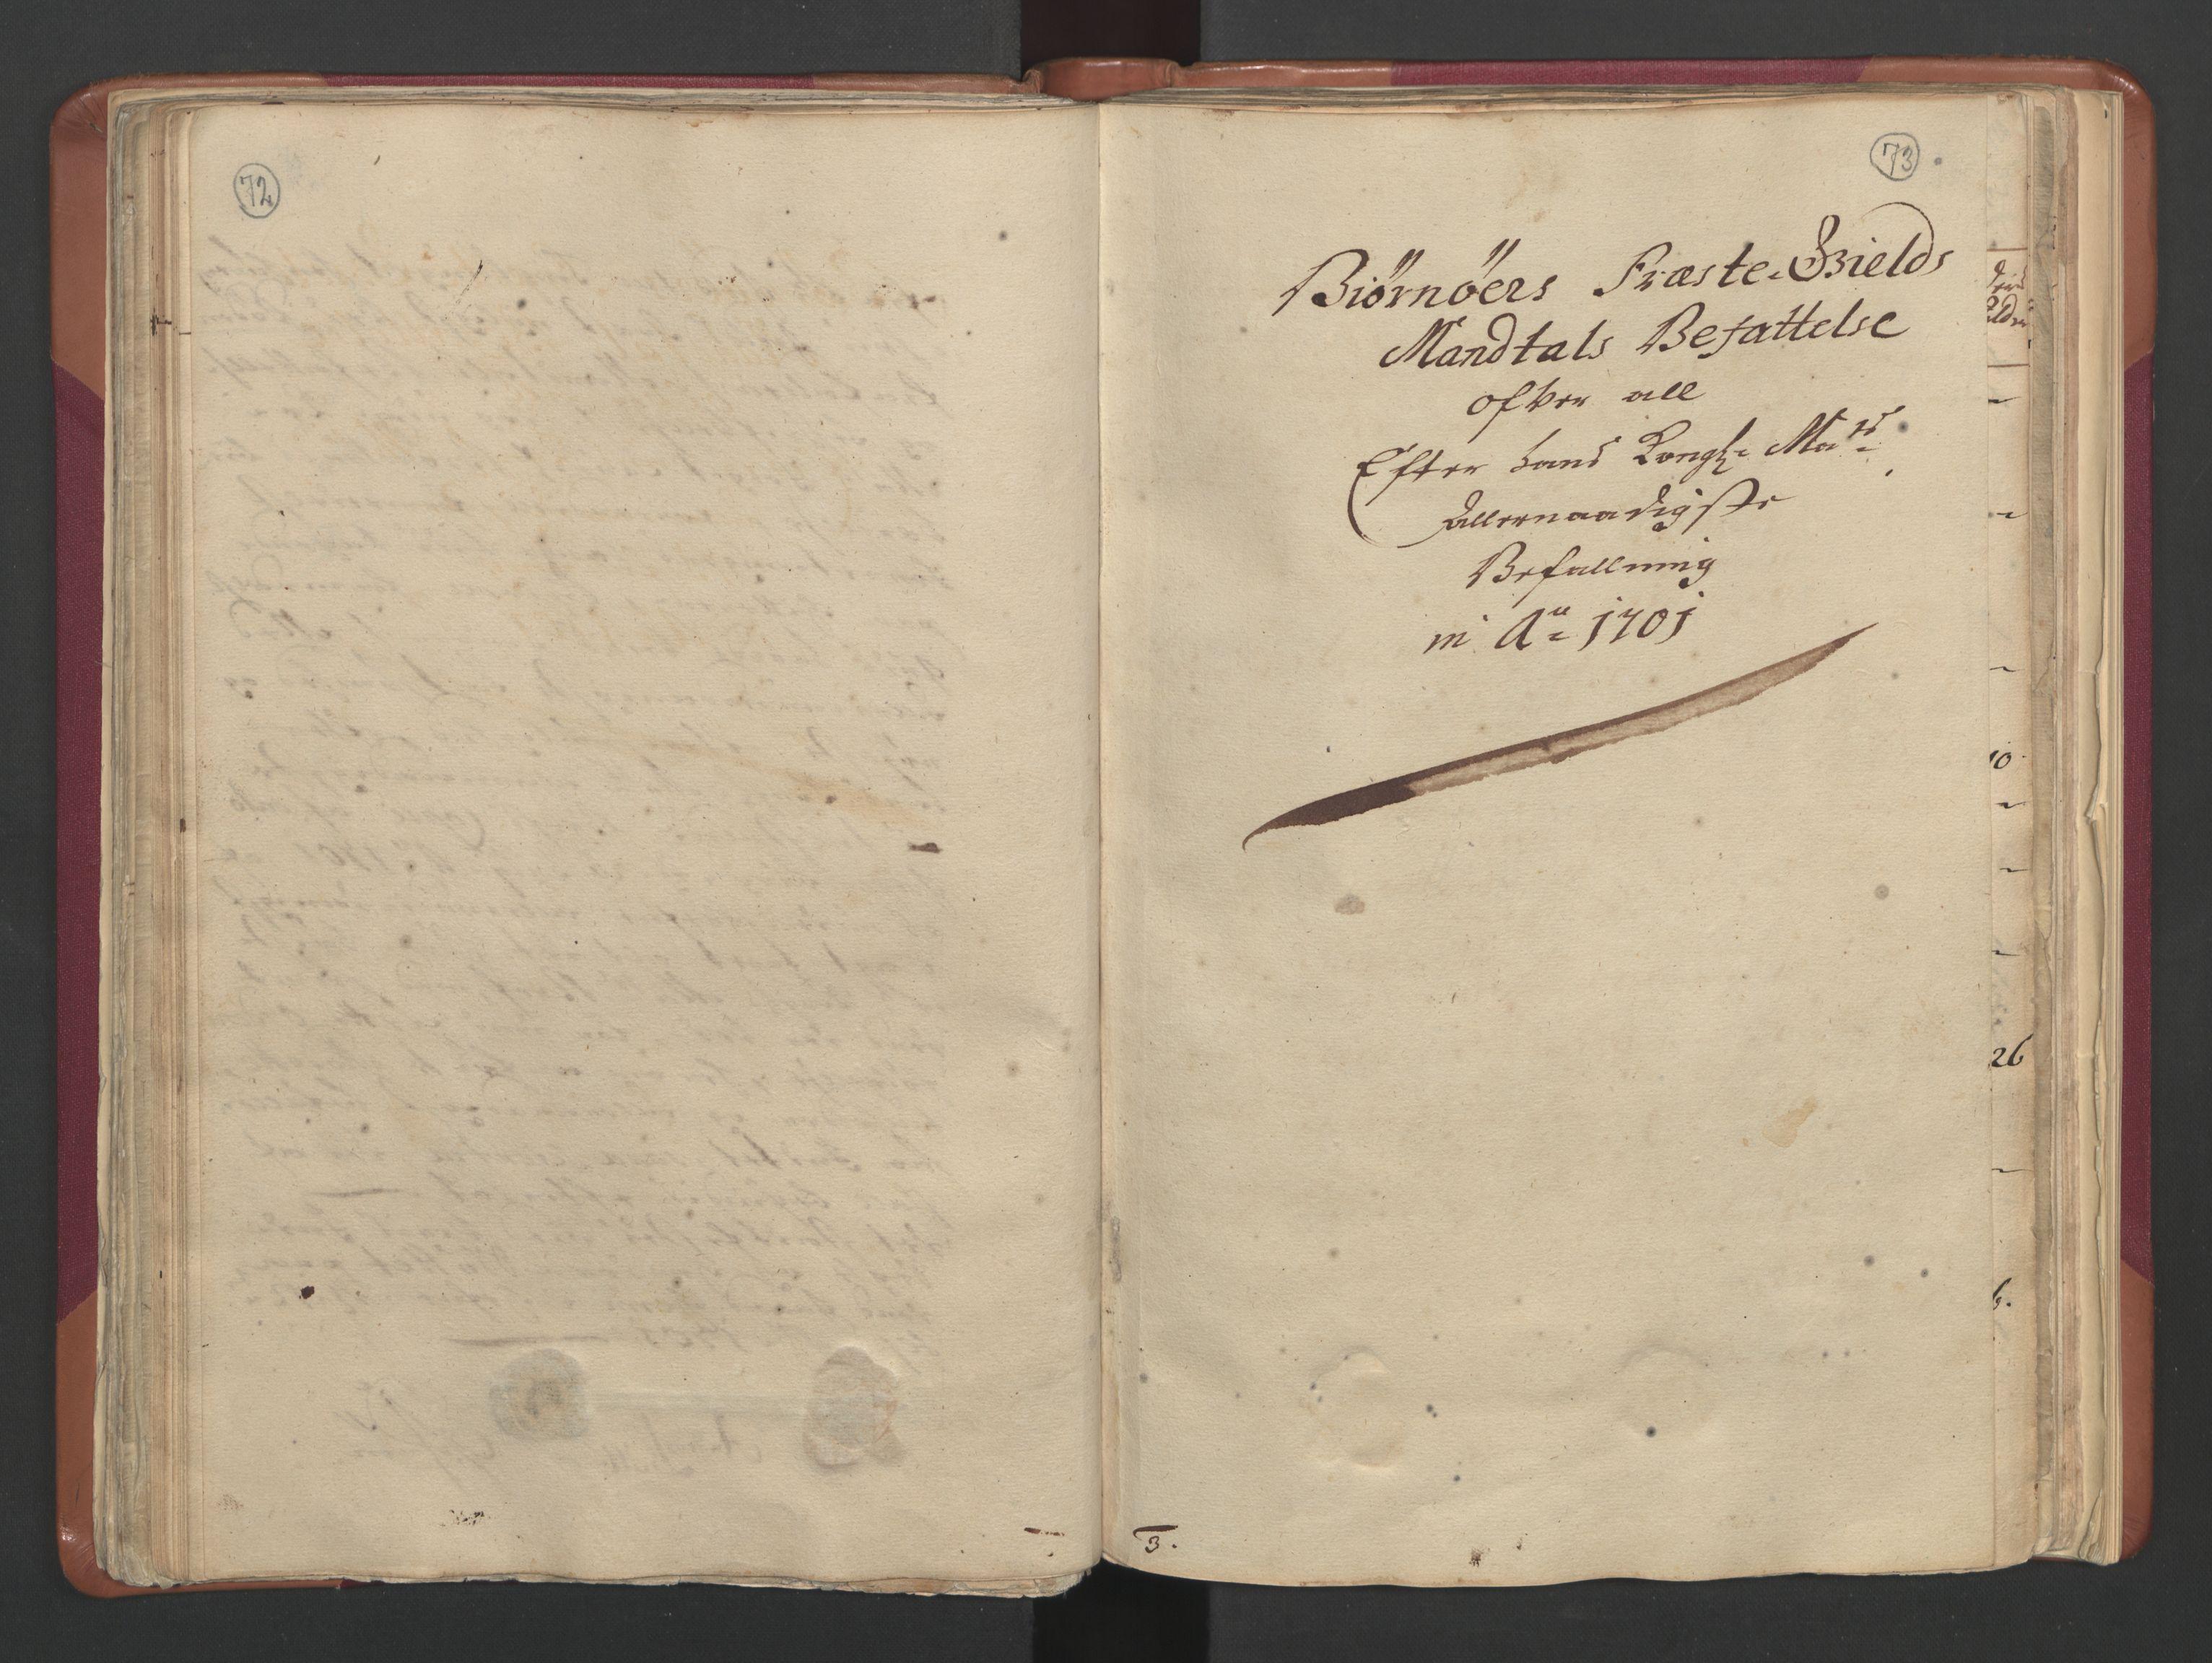 RA, Manntallet 1701, nr. 12: Fosen fogderi, 1701, s. 72-73